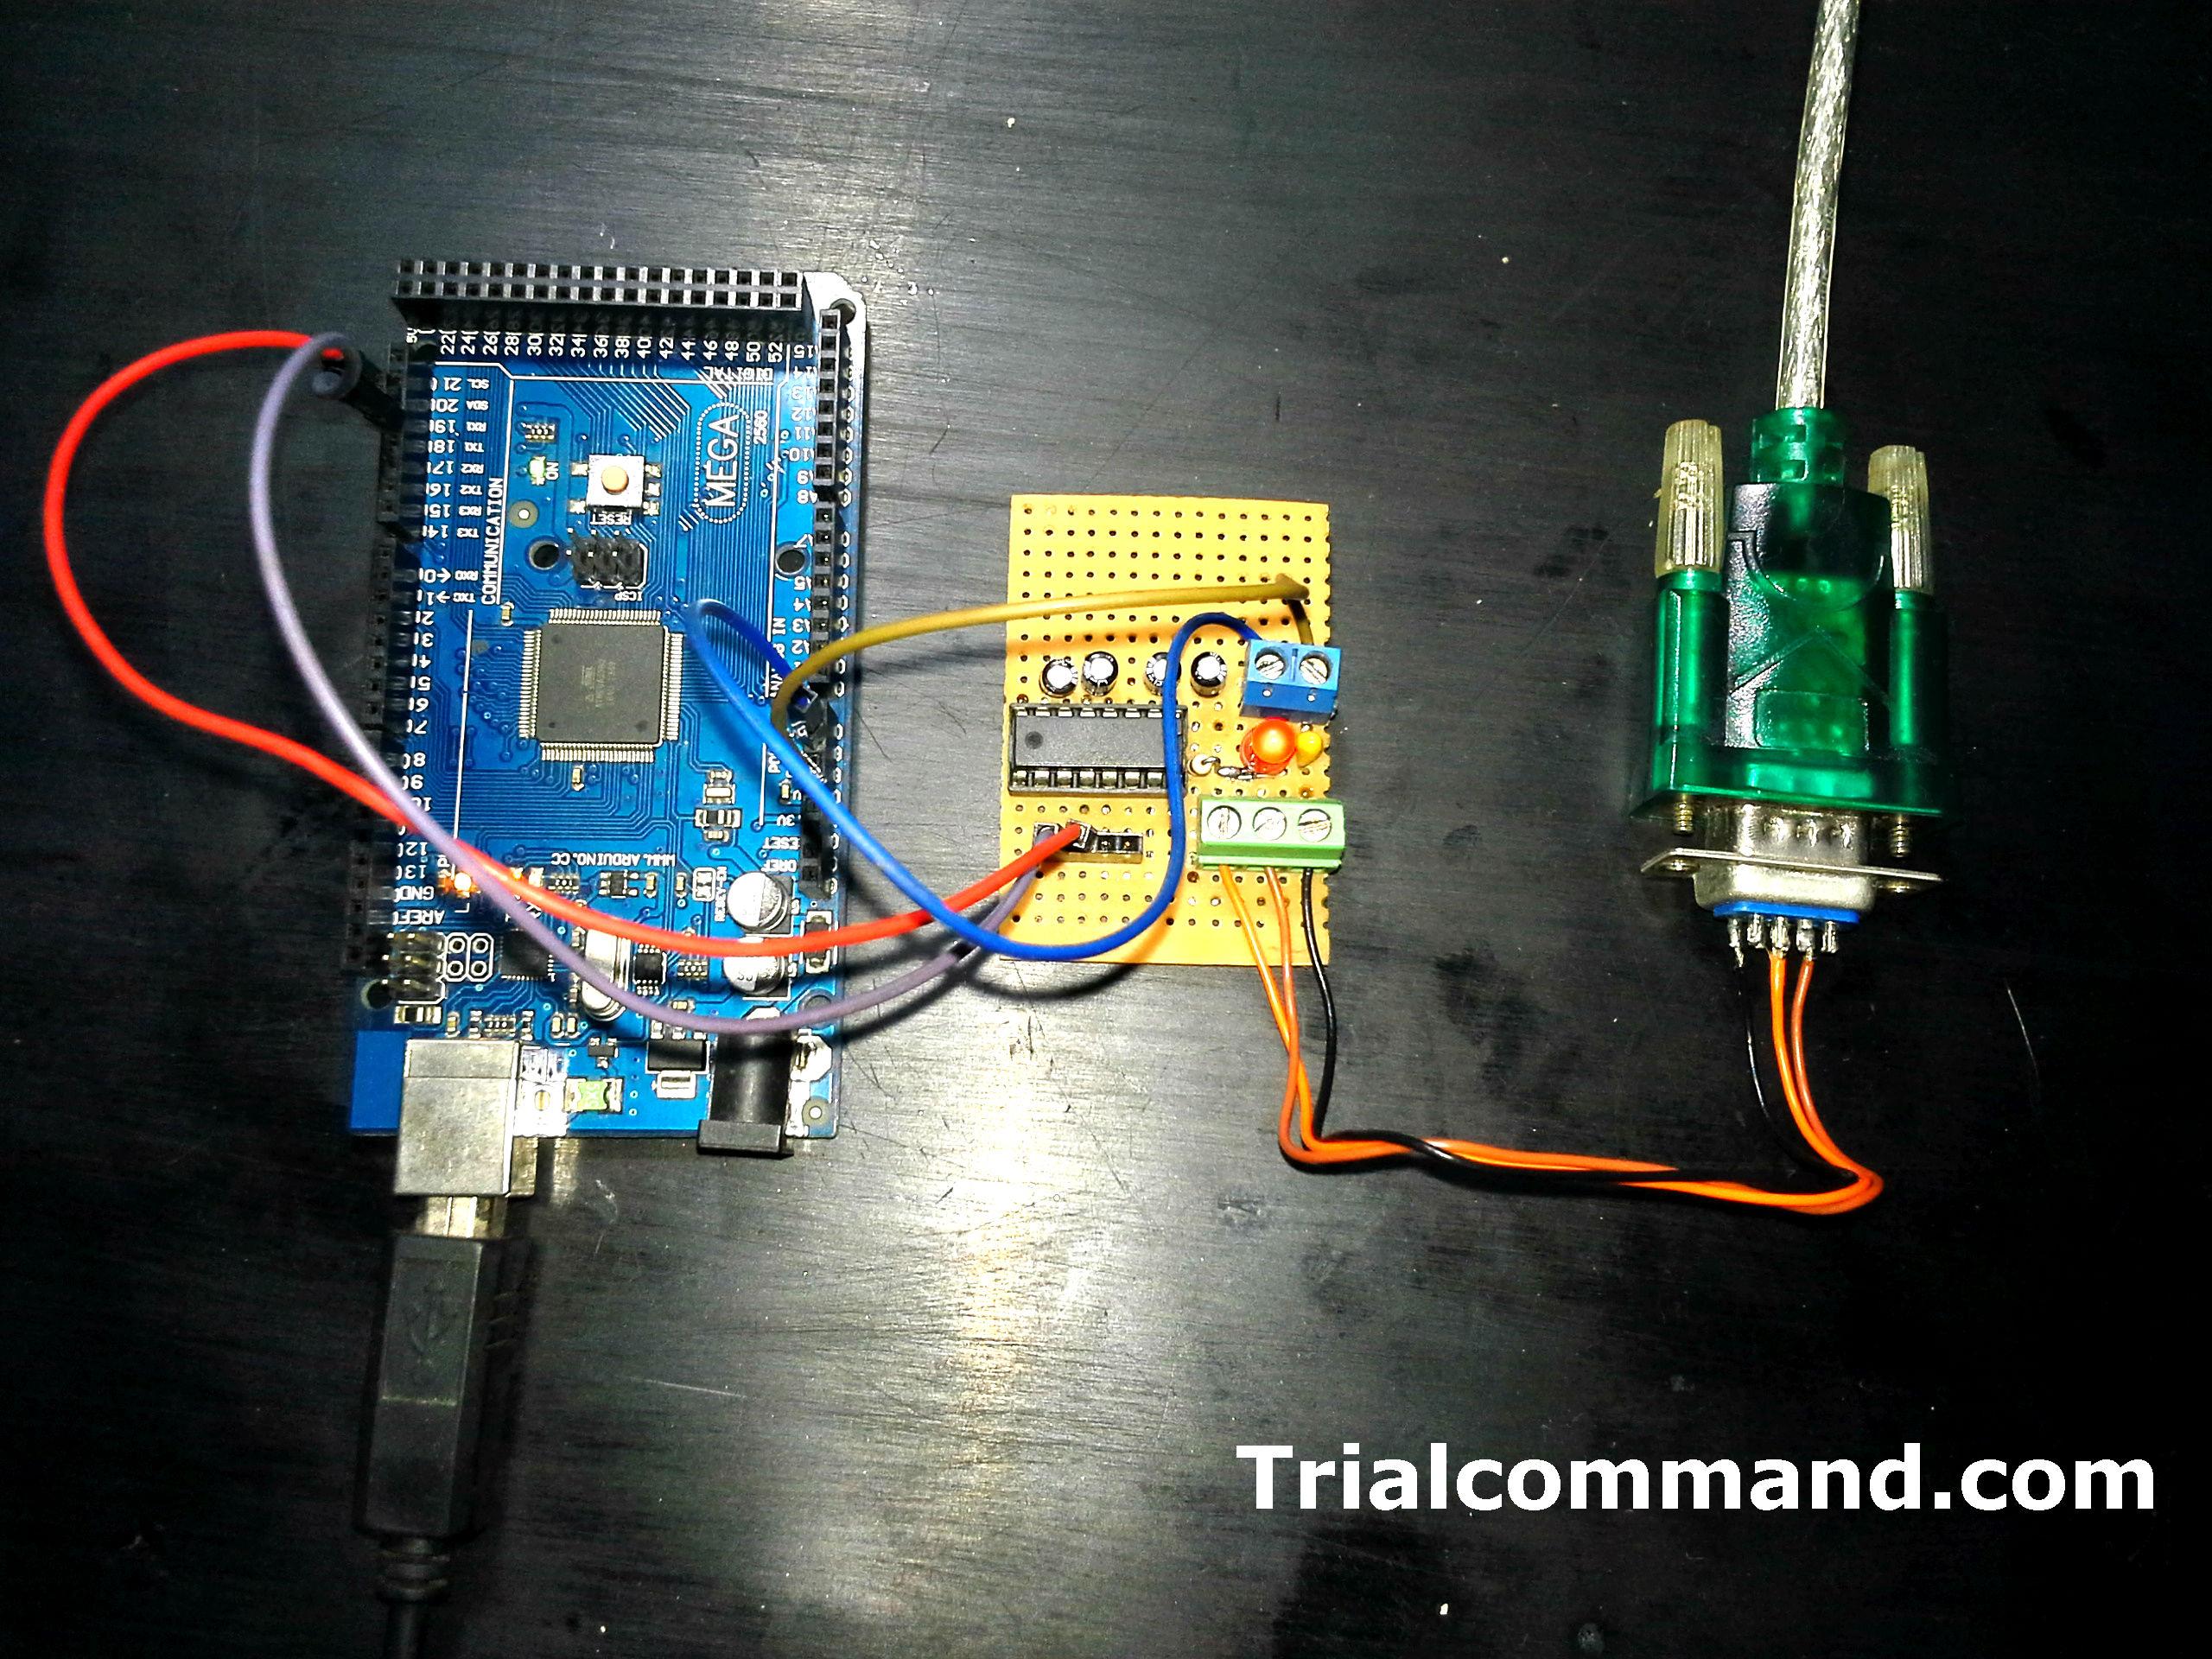 trialcommand.com